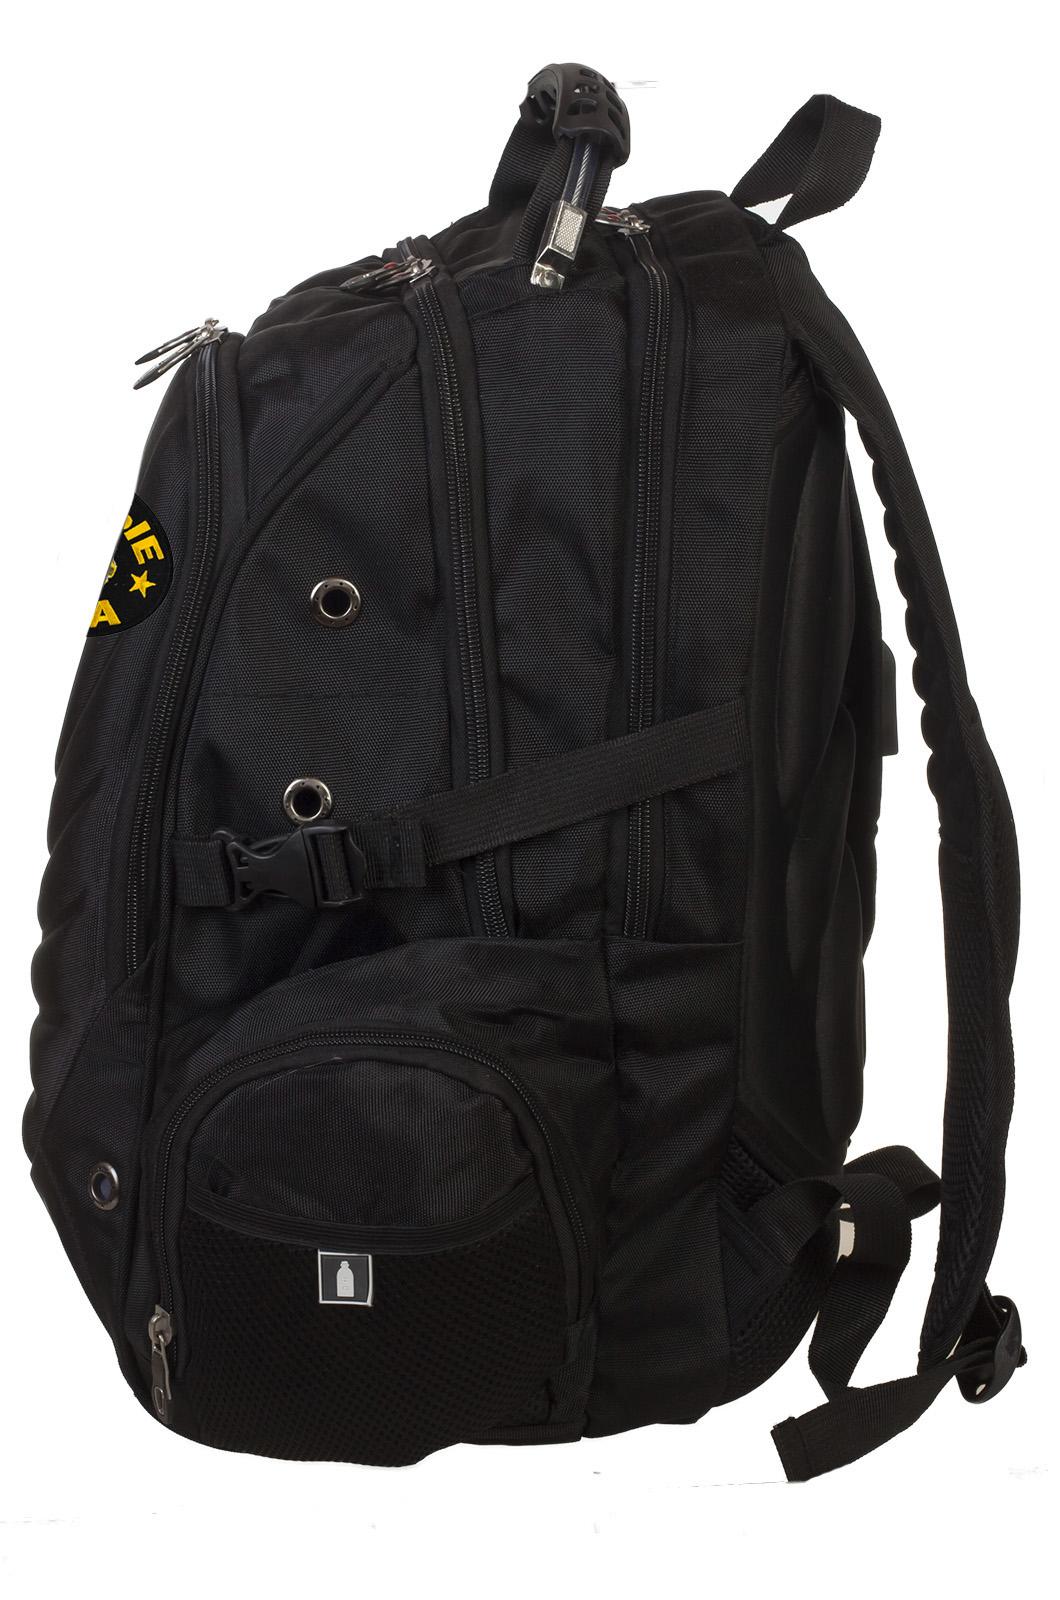 Универсальный городской рюкзак с шевроном Танковых войск купить онлайн